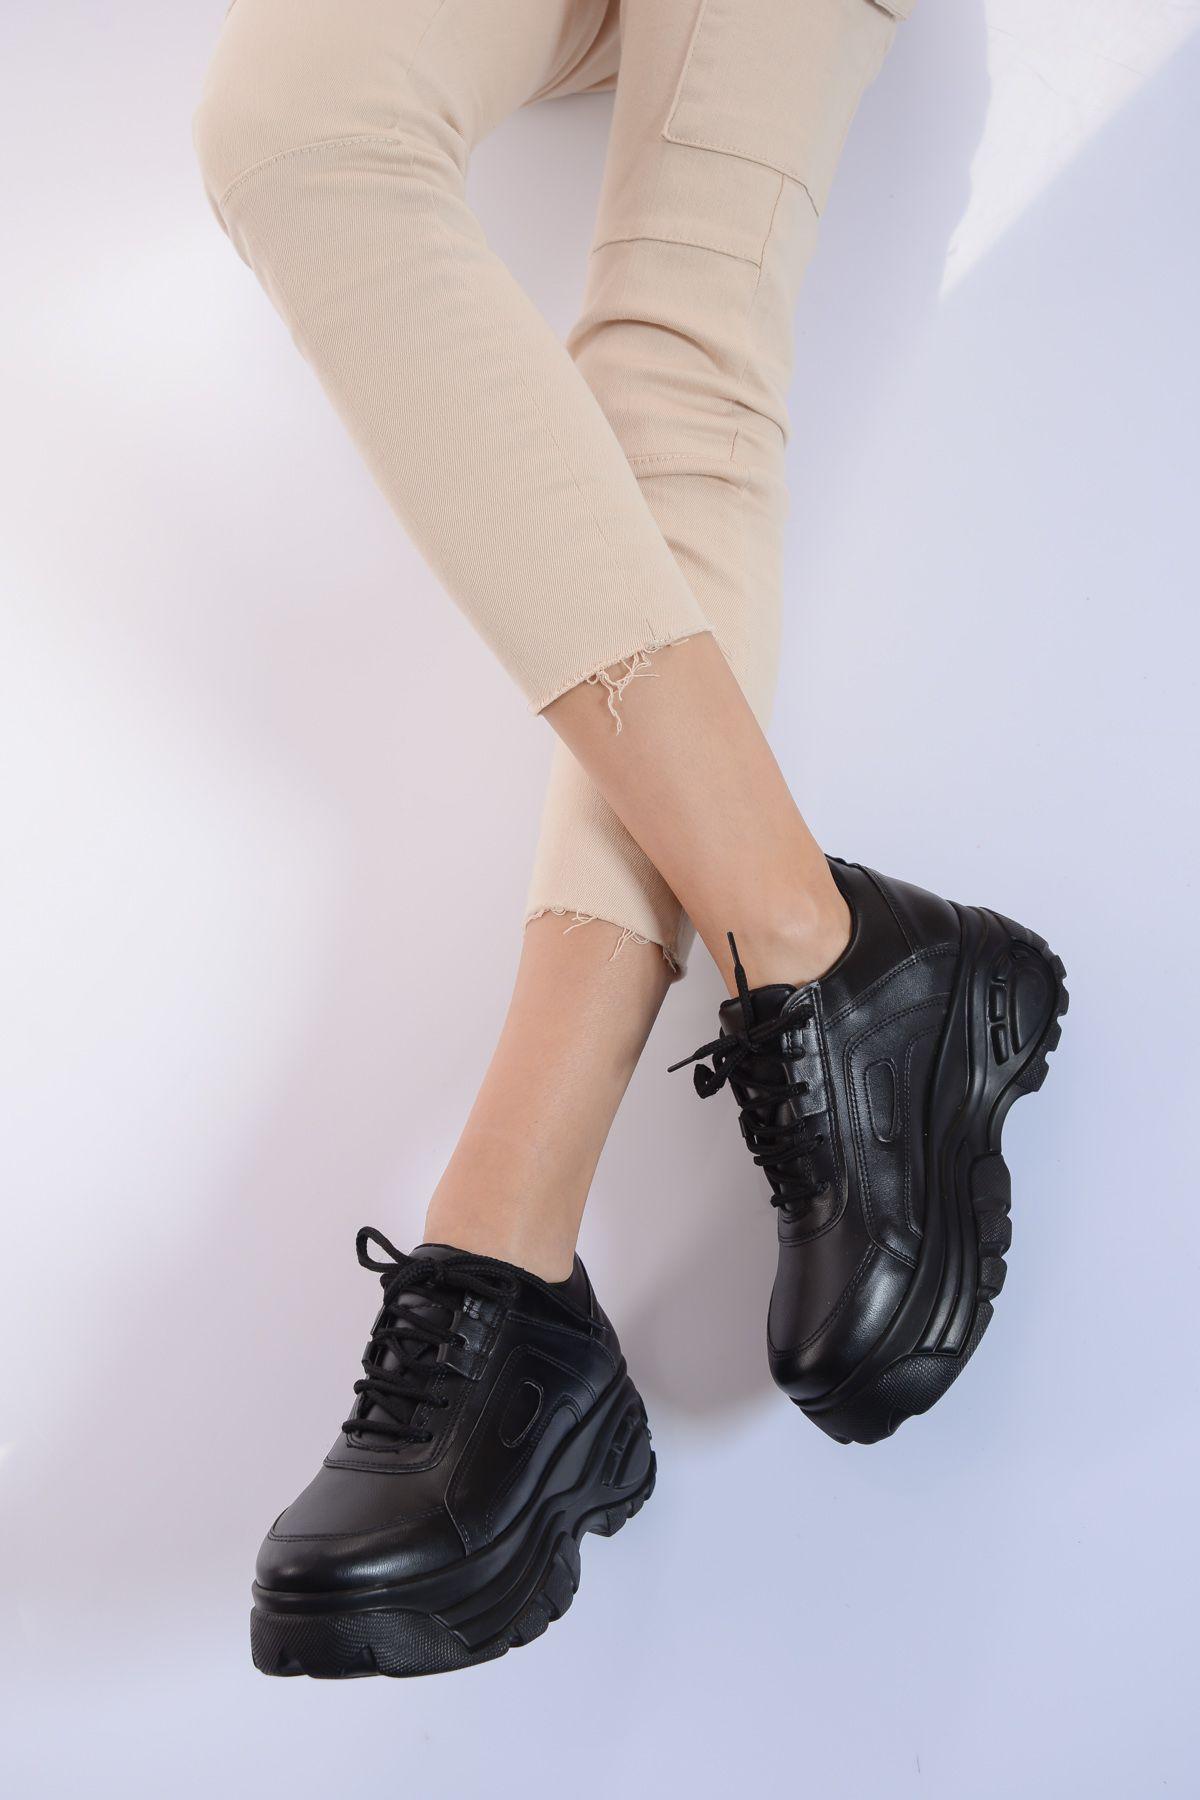 d864d3154c43d Kadın 2019 Yaz Ayakkabı Modelleri, Fiyatları, Aynı Gün Kargo - Shoes Time